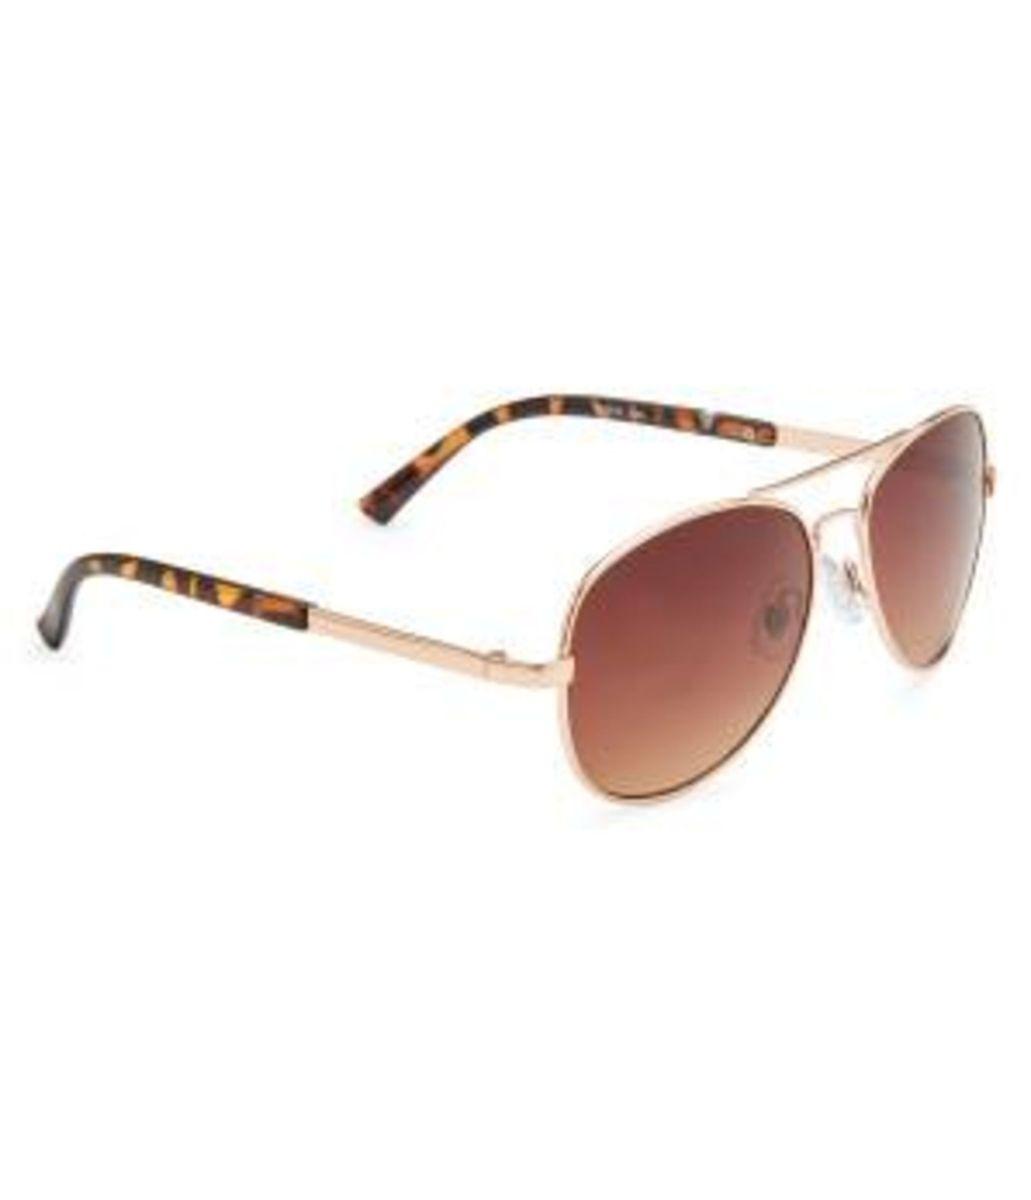 46659ccc2a569 óculos feminino aéropostale - óculos aéropostale.  Czm6ly9wag90b3muzw5qb2vplmnvbs5ici9wcm9kdwn0cy8ynzi3njmvnwvmmdg2nmu1otixnzu2otyymtaymjrhn2jkmdqwodiuanbn  ...